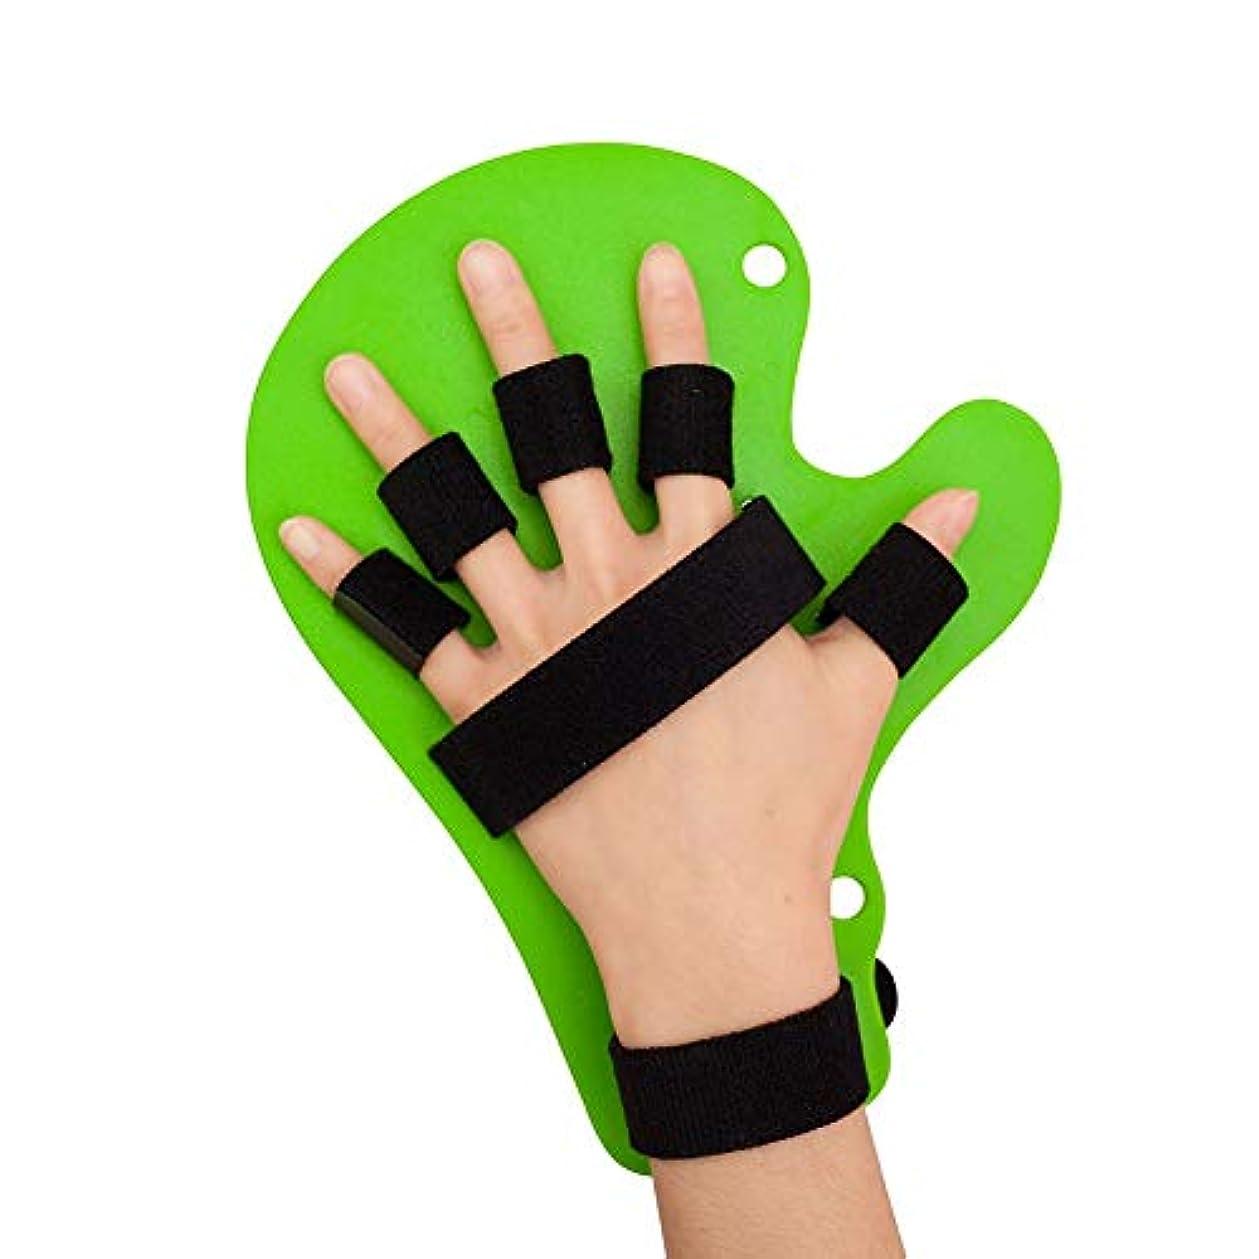 バタフライ必要性みなす指のトレーニング機器、指インソール指、指スプリント指指セパレーター、調節可能な手の指ボード装具スプリットフィンガートレーニング機器 (Color : 緑)